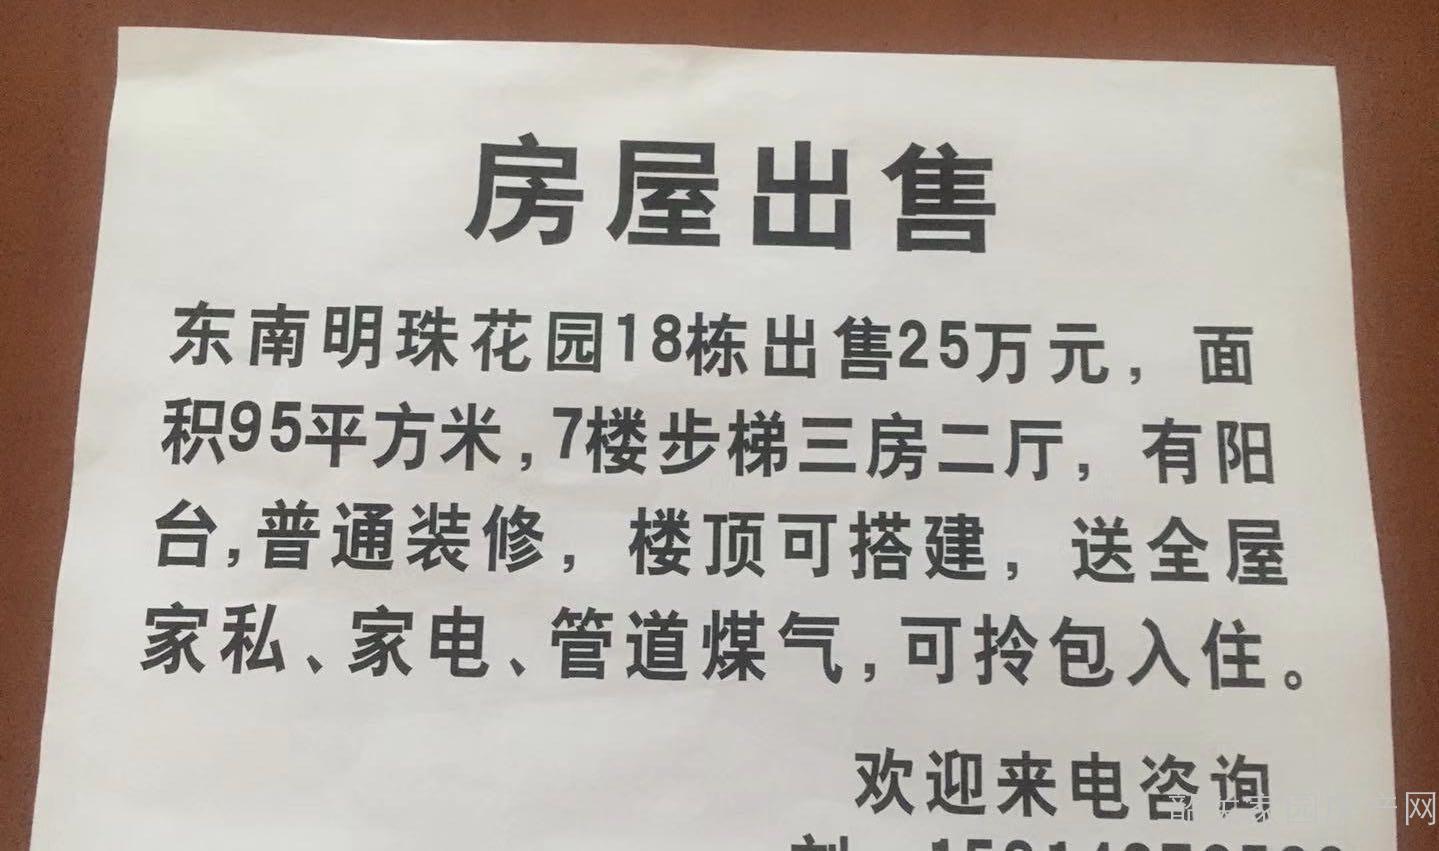 急售:东南明珠花园。轴承厂福利房 小产权房。现19.8万。爽快的价钱好商量。13640175015刘